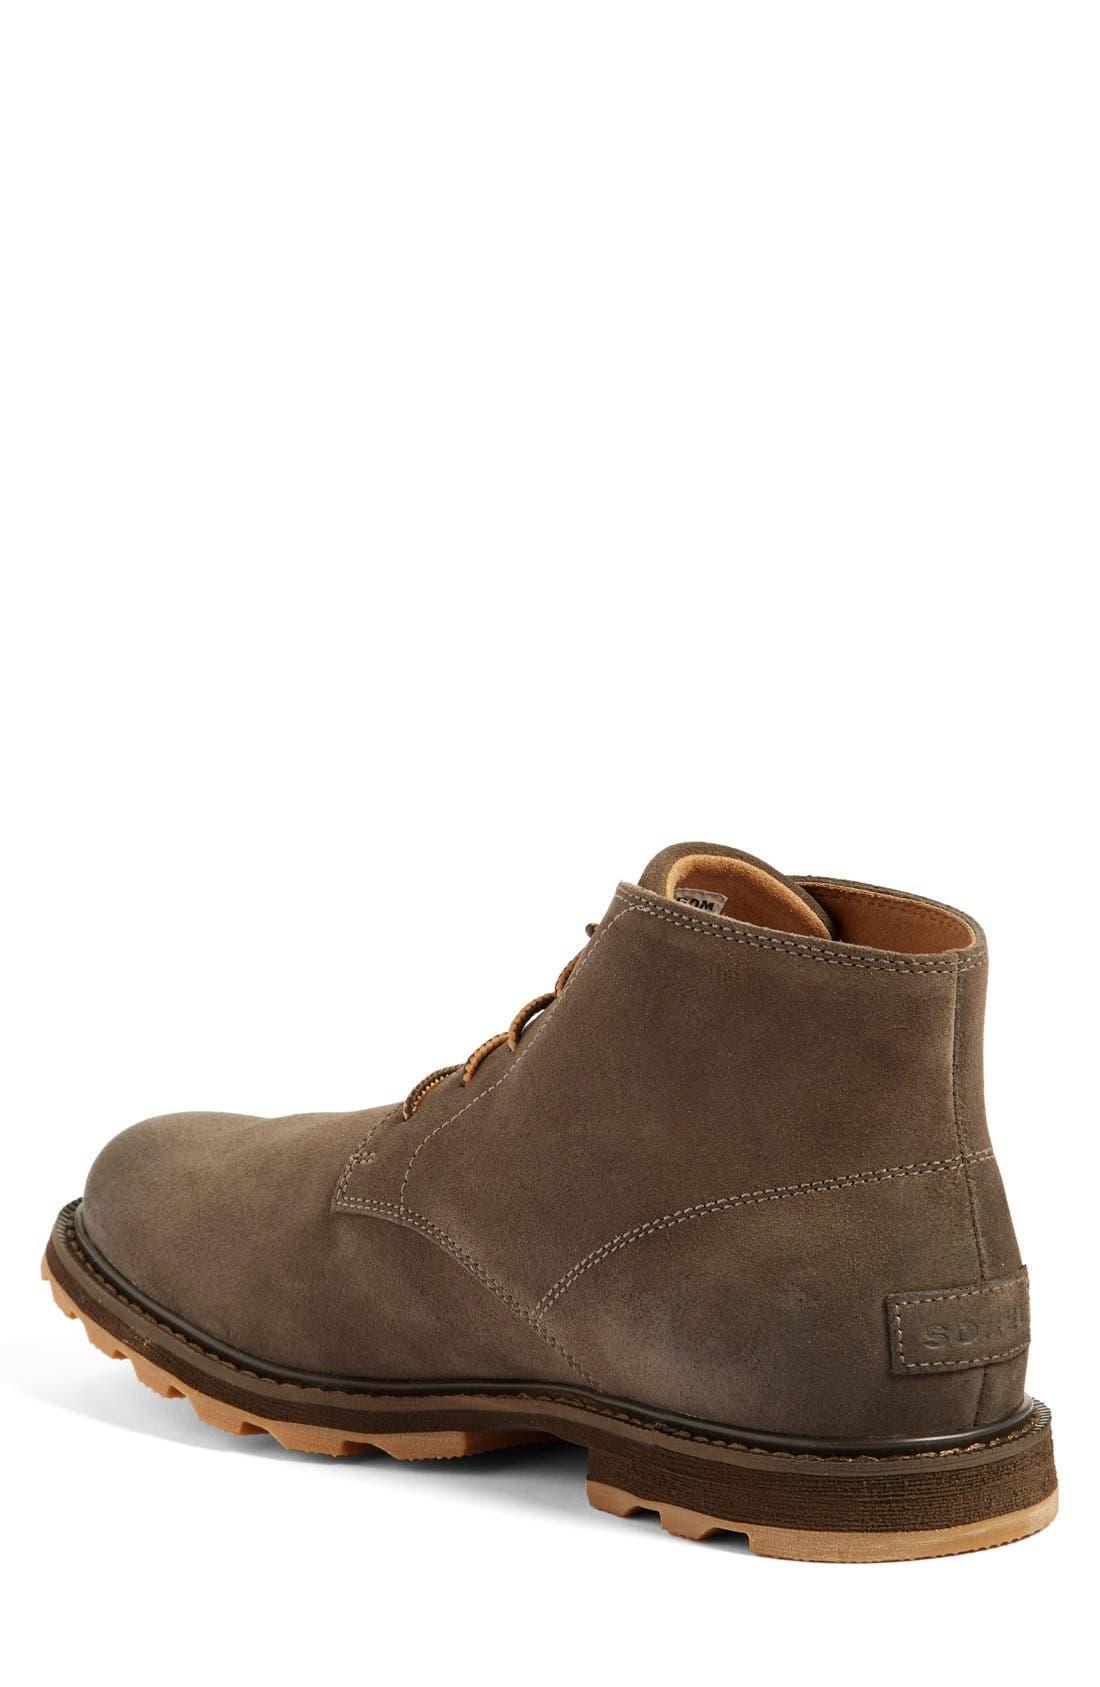 Alternate Image 2  - Sorel 'Madson' Chukka Boot (Men)